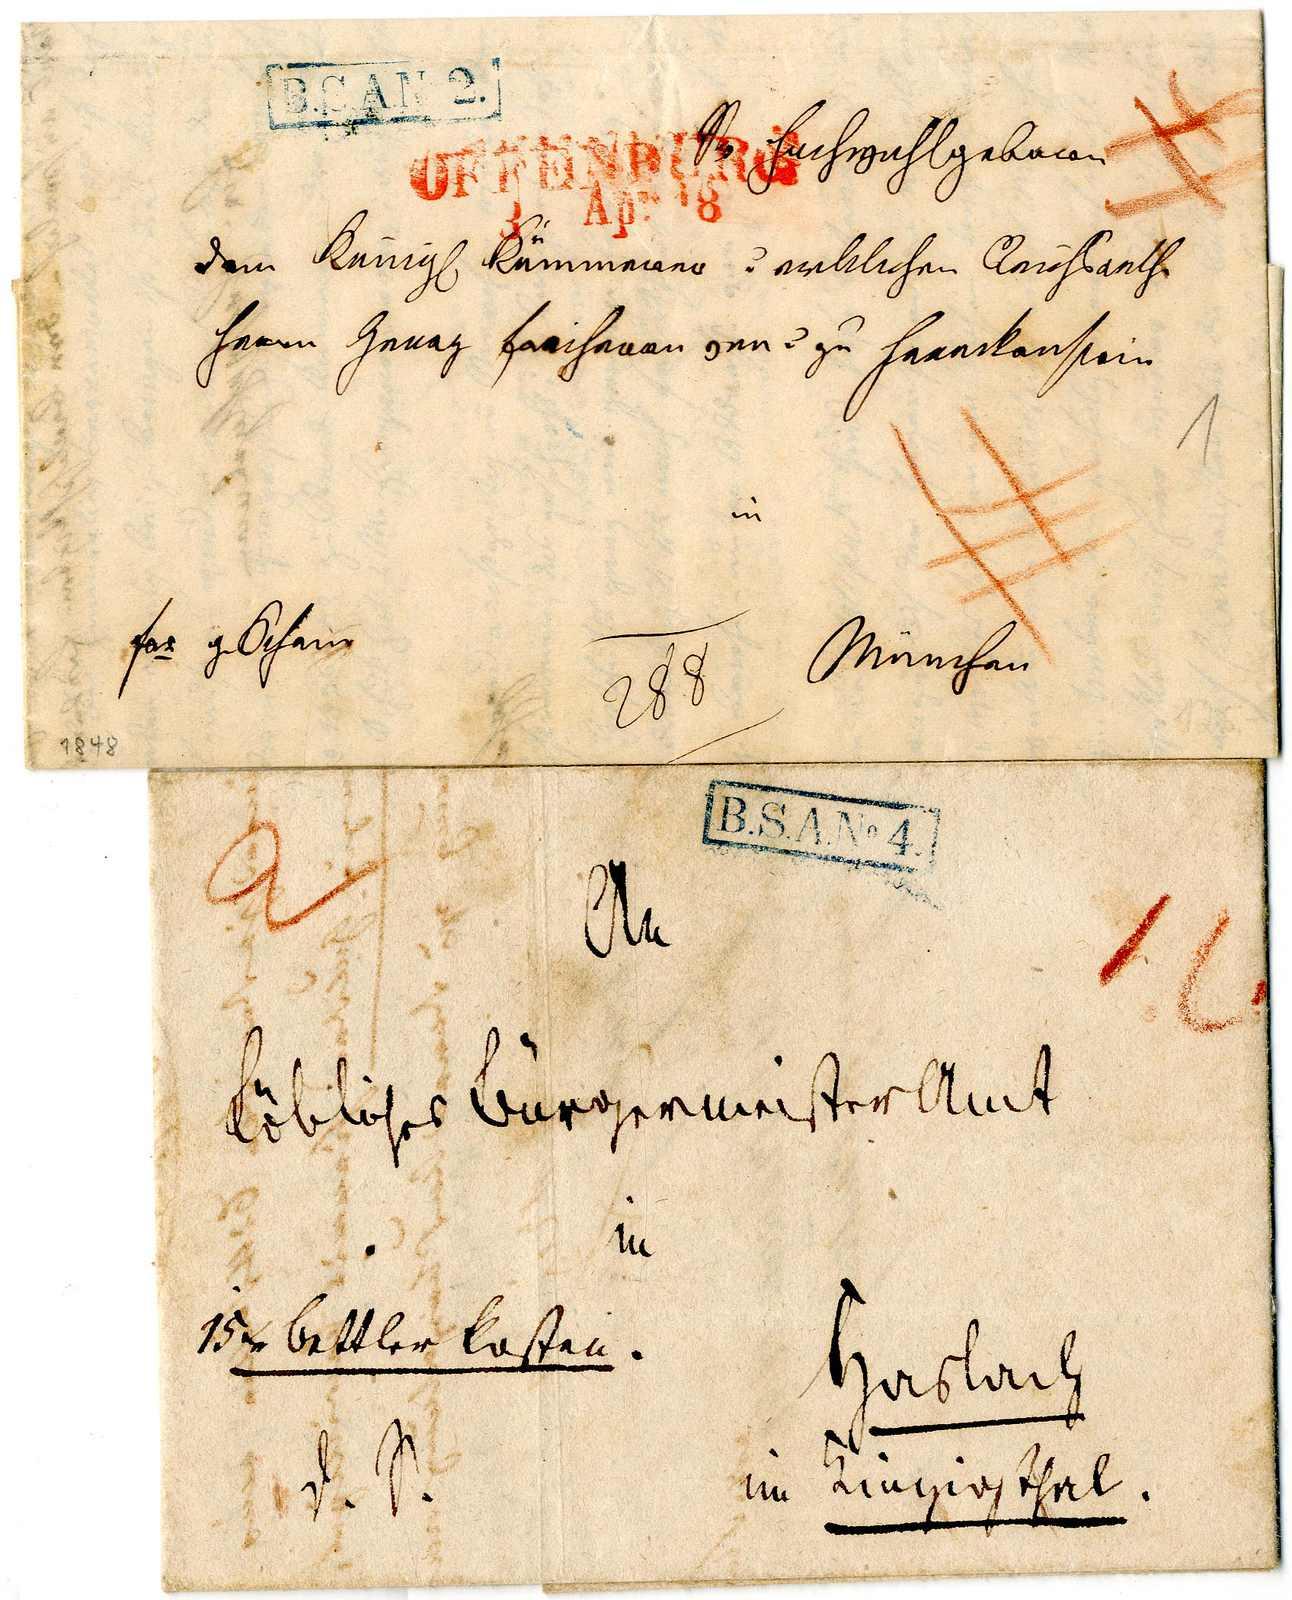 Lot 4 - Altdeutschland Baden, Vorphilatelie  -  Karl Pfankuch & Co. auction #222